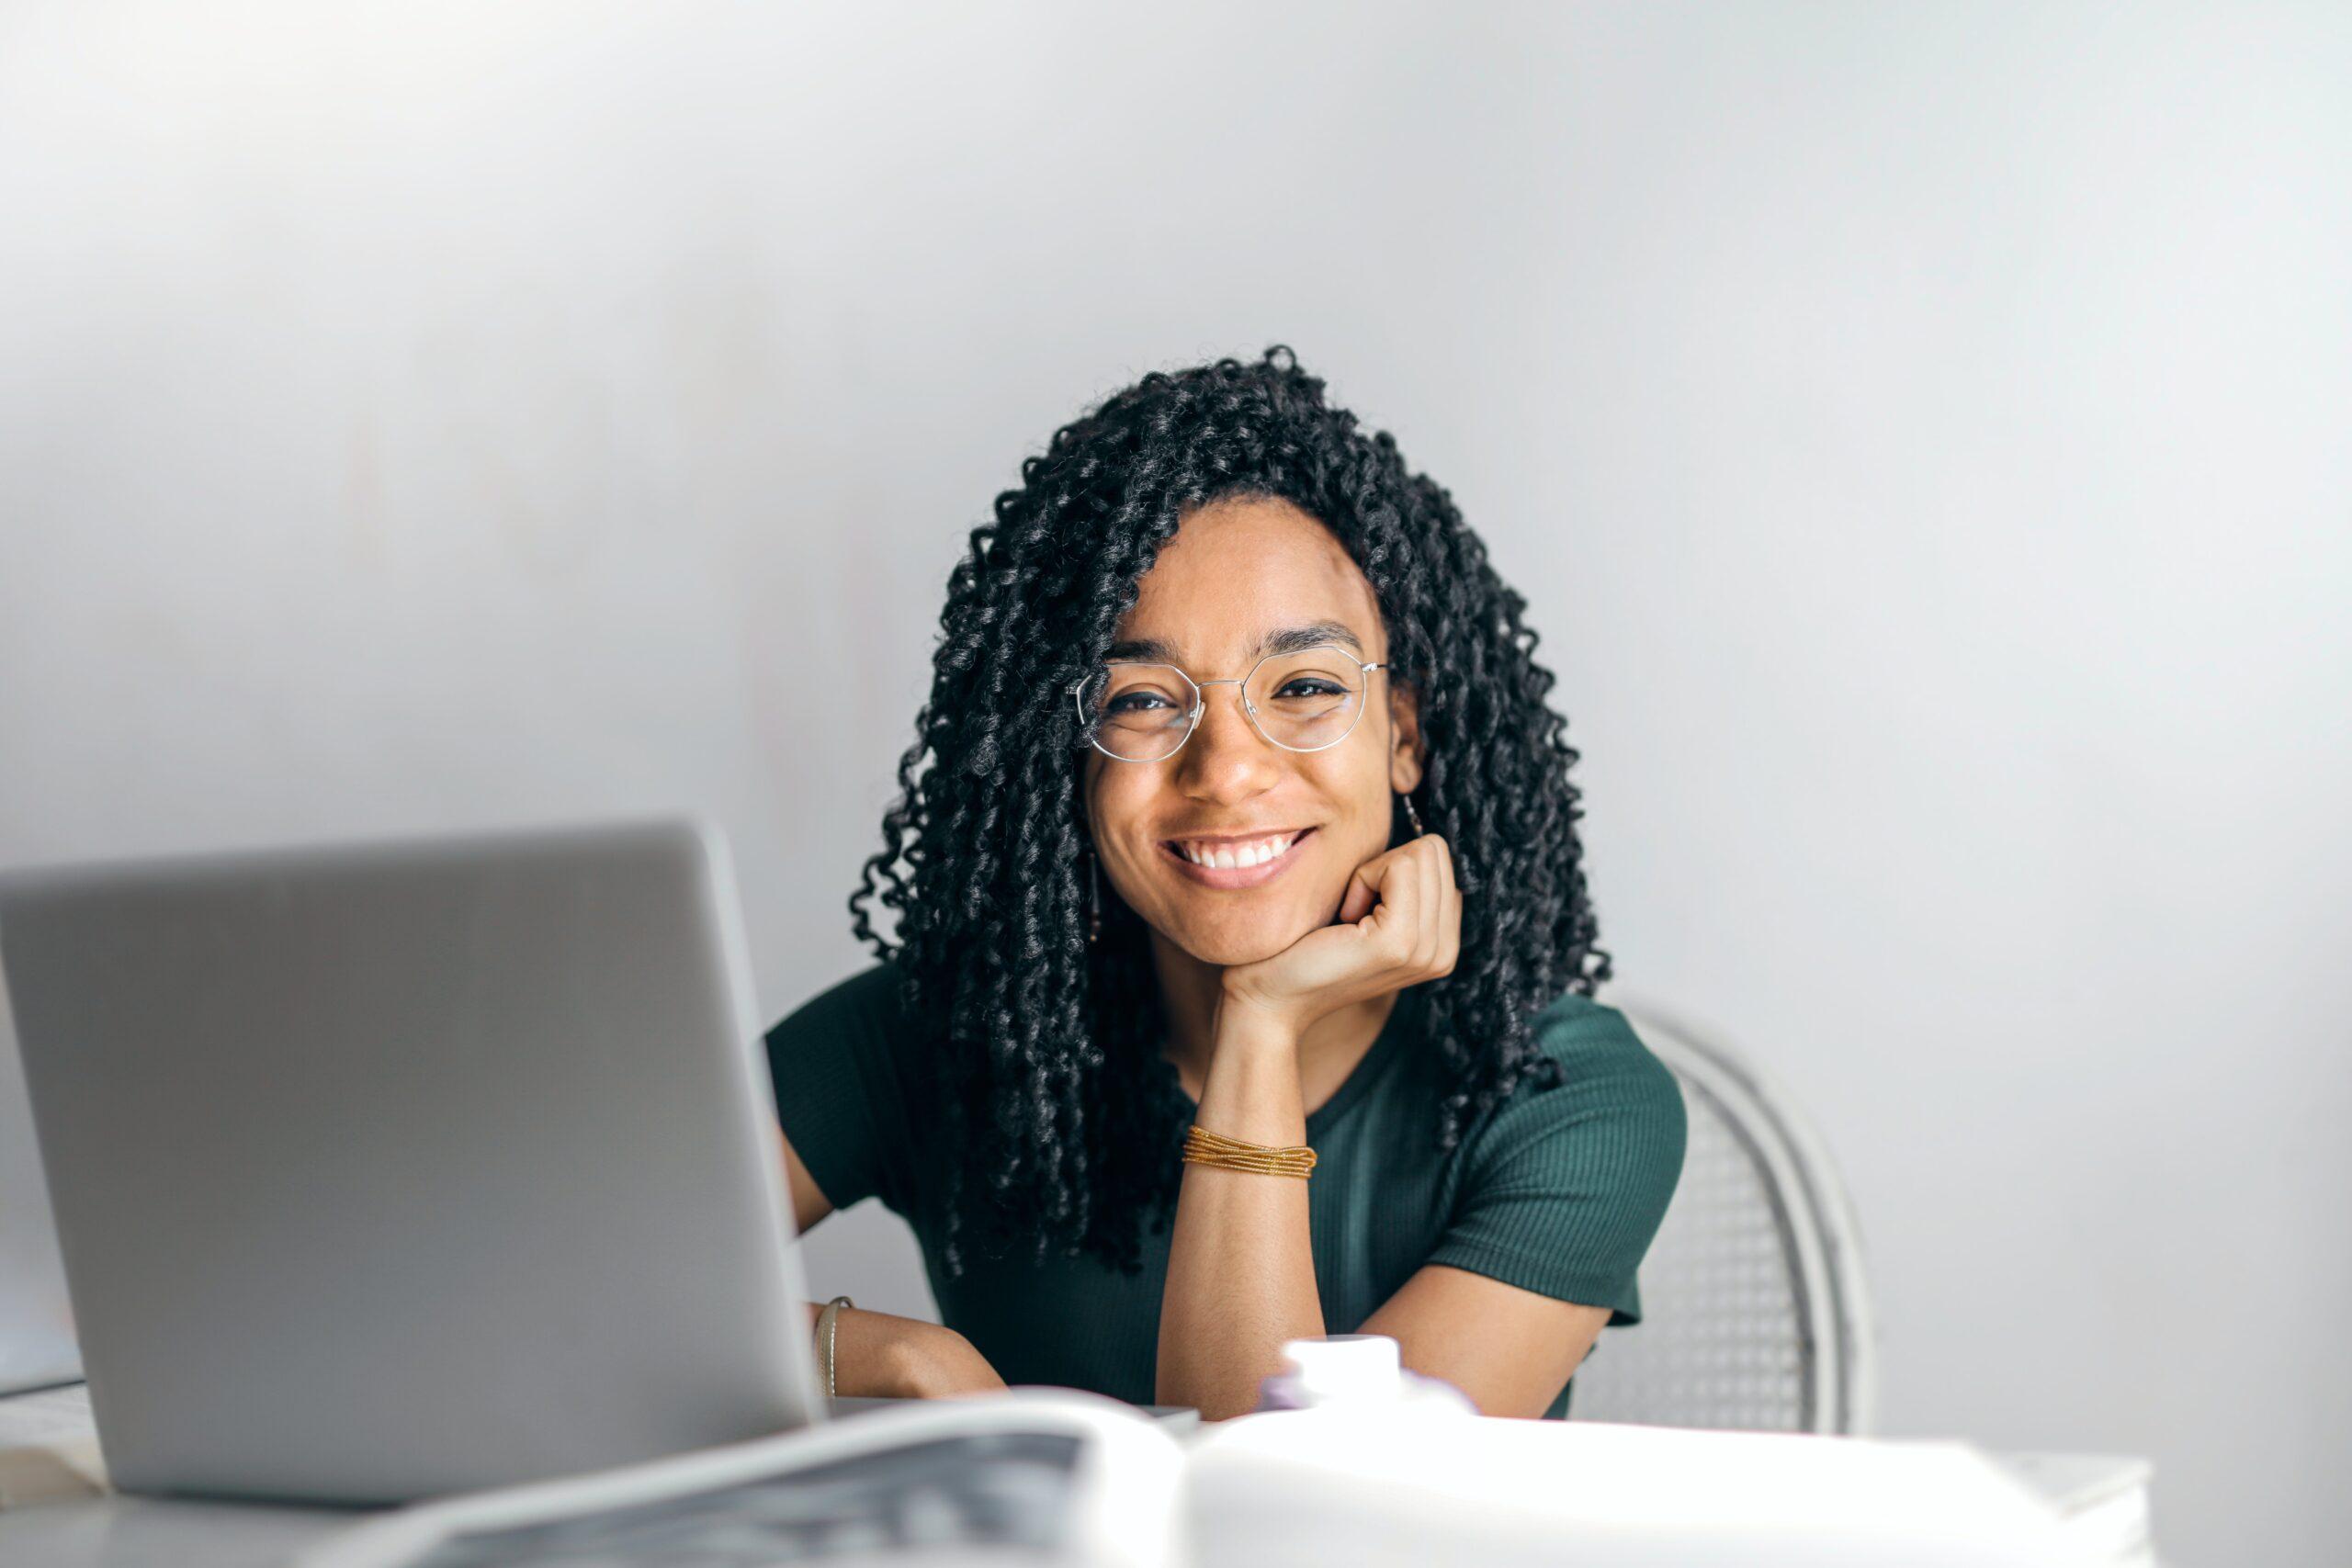 jeune étudiante femme souriante devant ordinateur